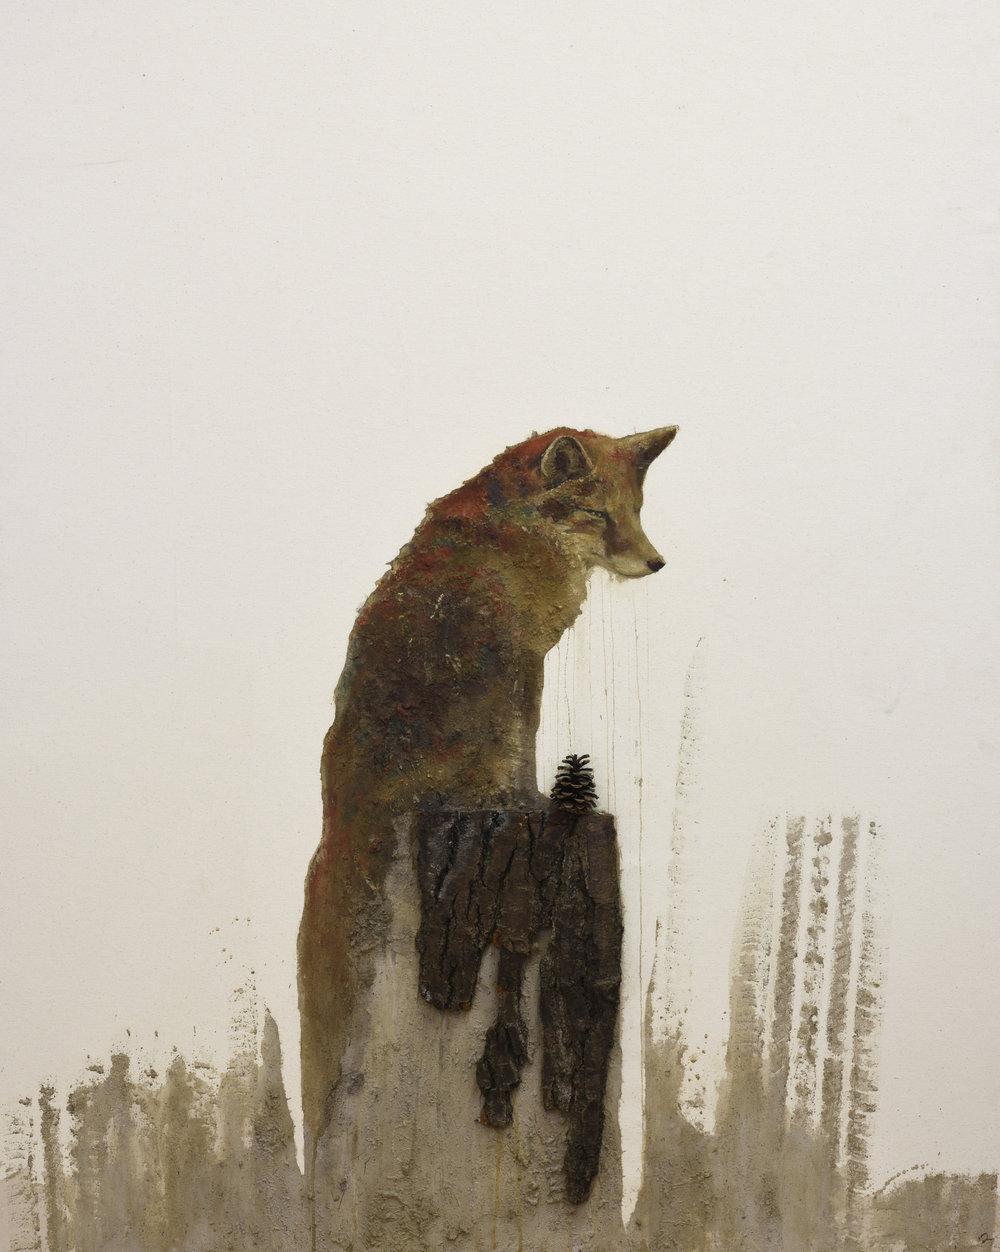 Esa's Fox Brother